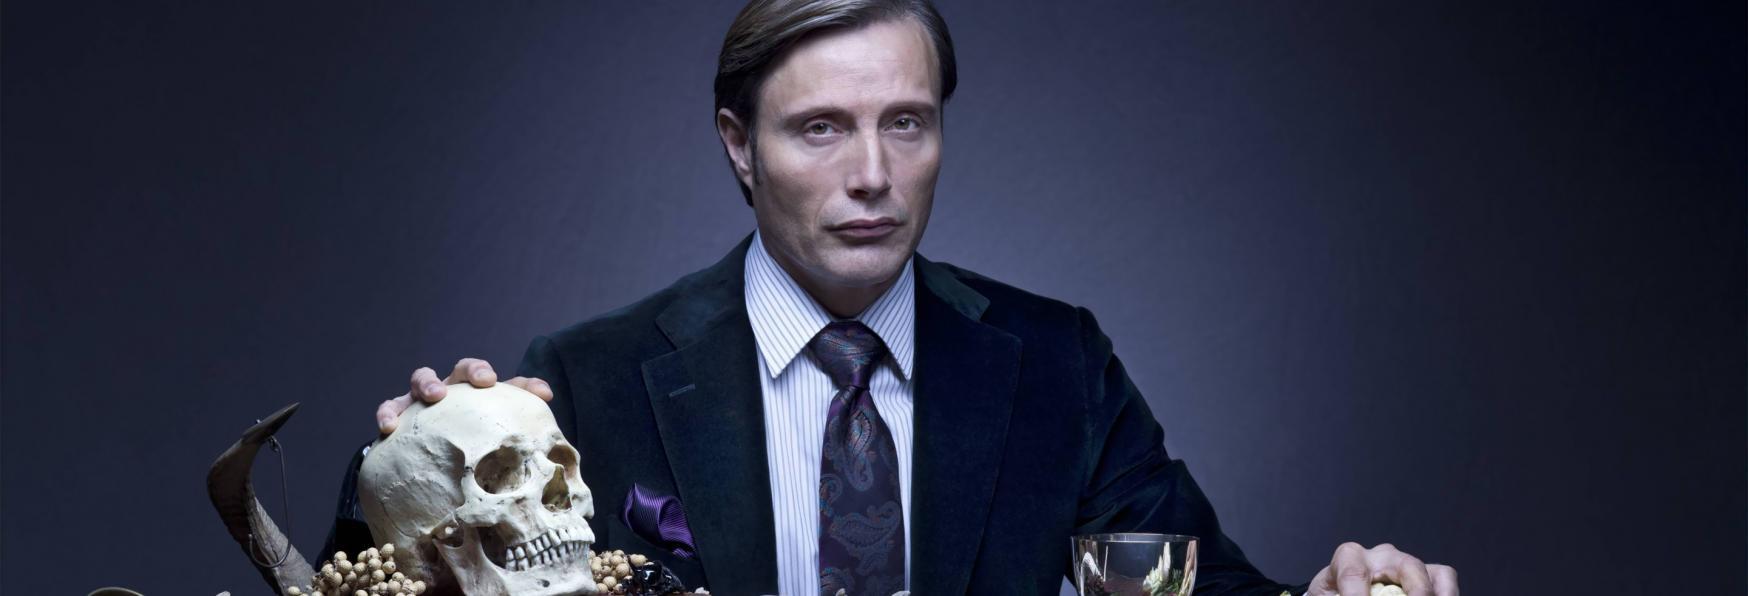 Hannibal 4: possibile nuova Stagione della Serie TV? Il Commento di Mads Mikkelsen